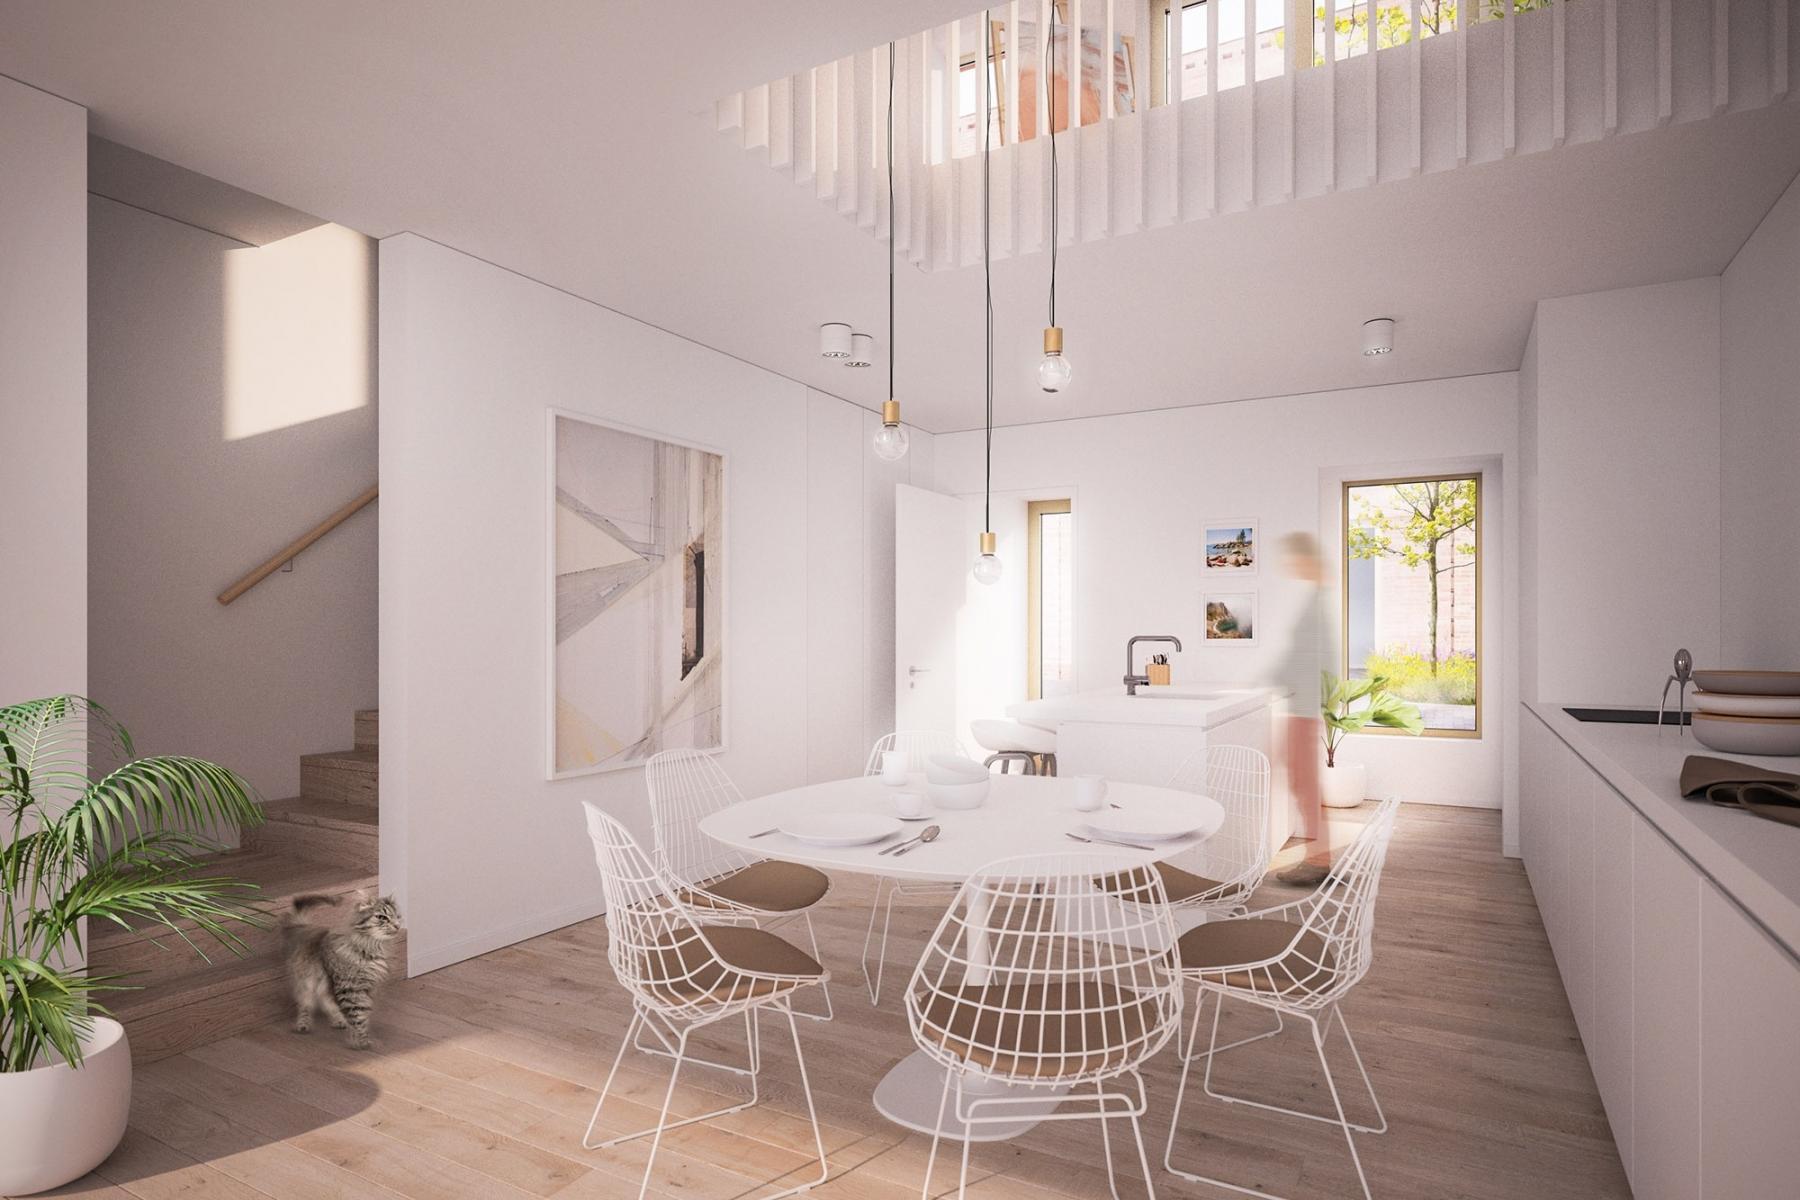 Praktijk woning te koop in oudenaarde